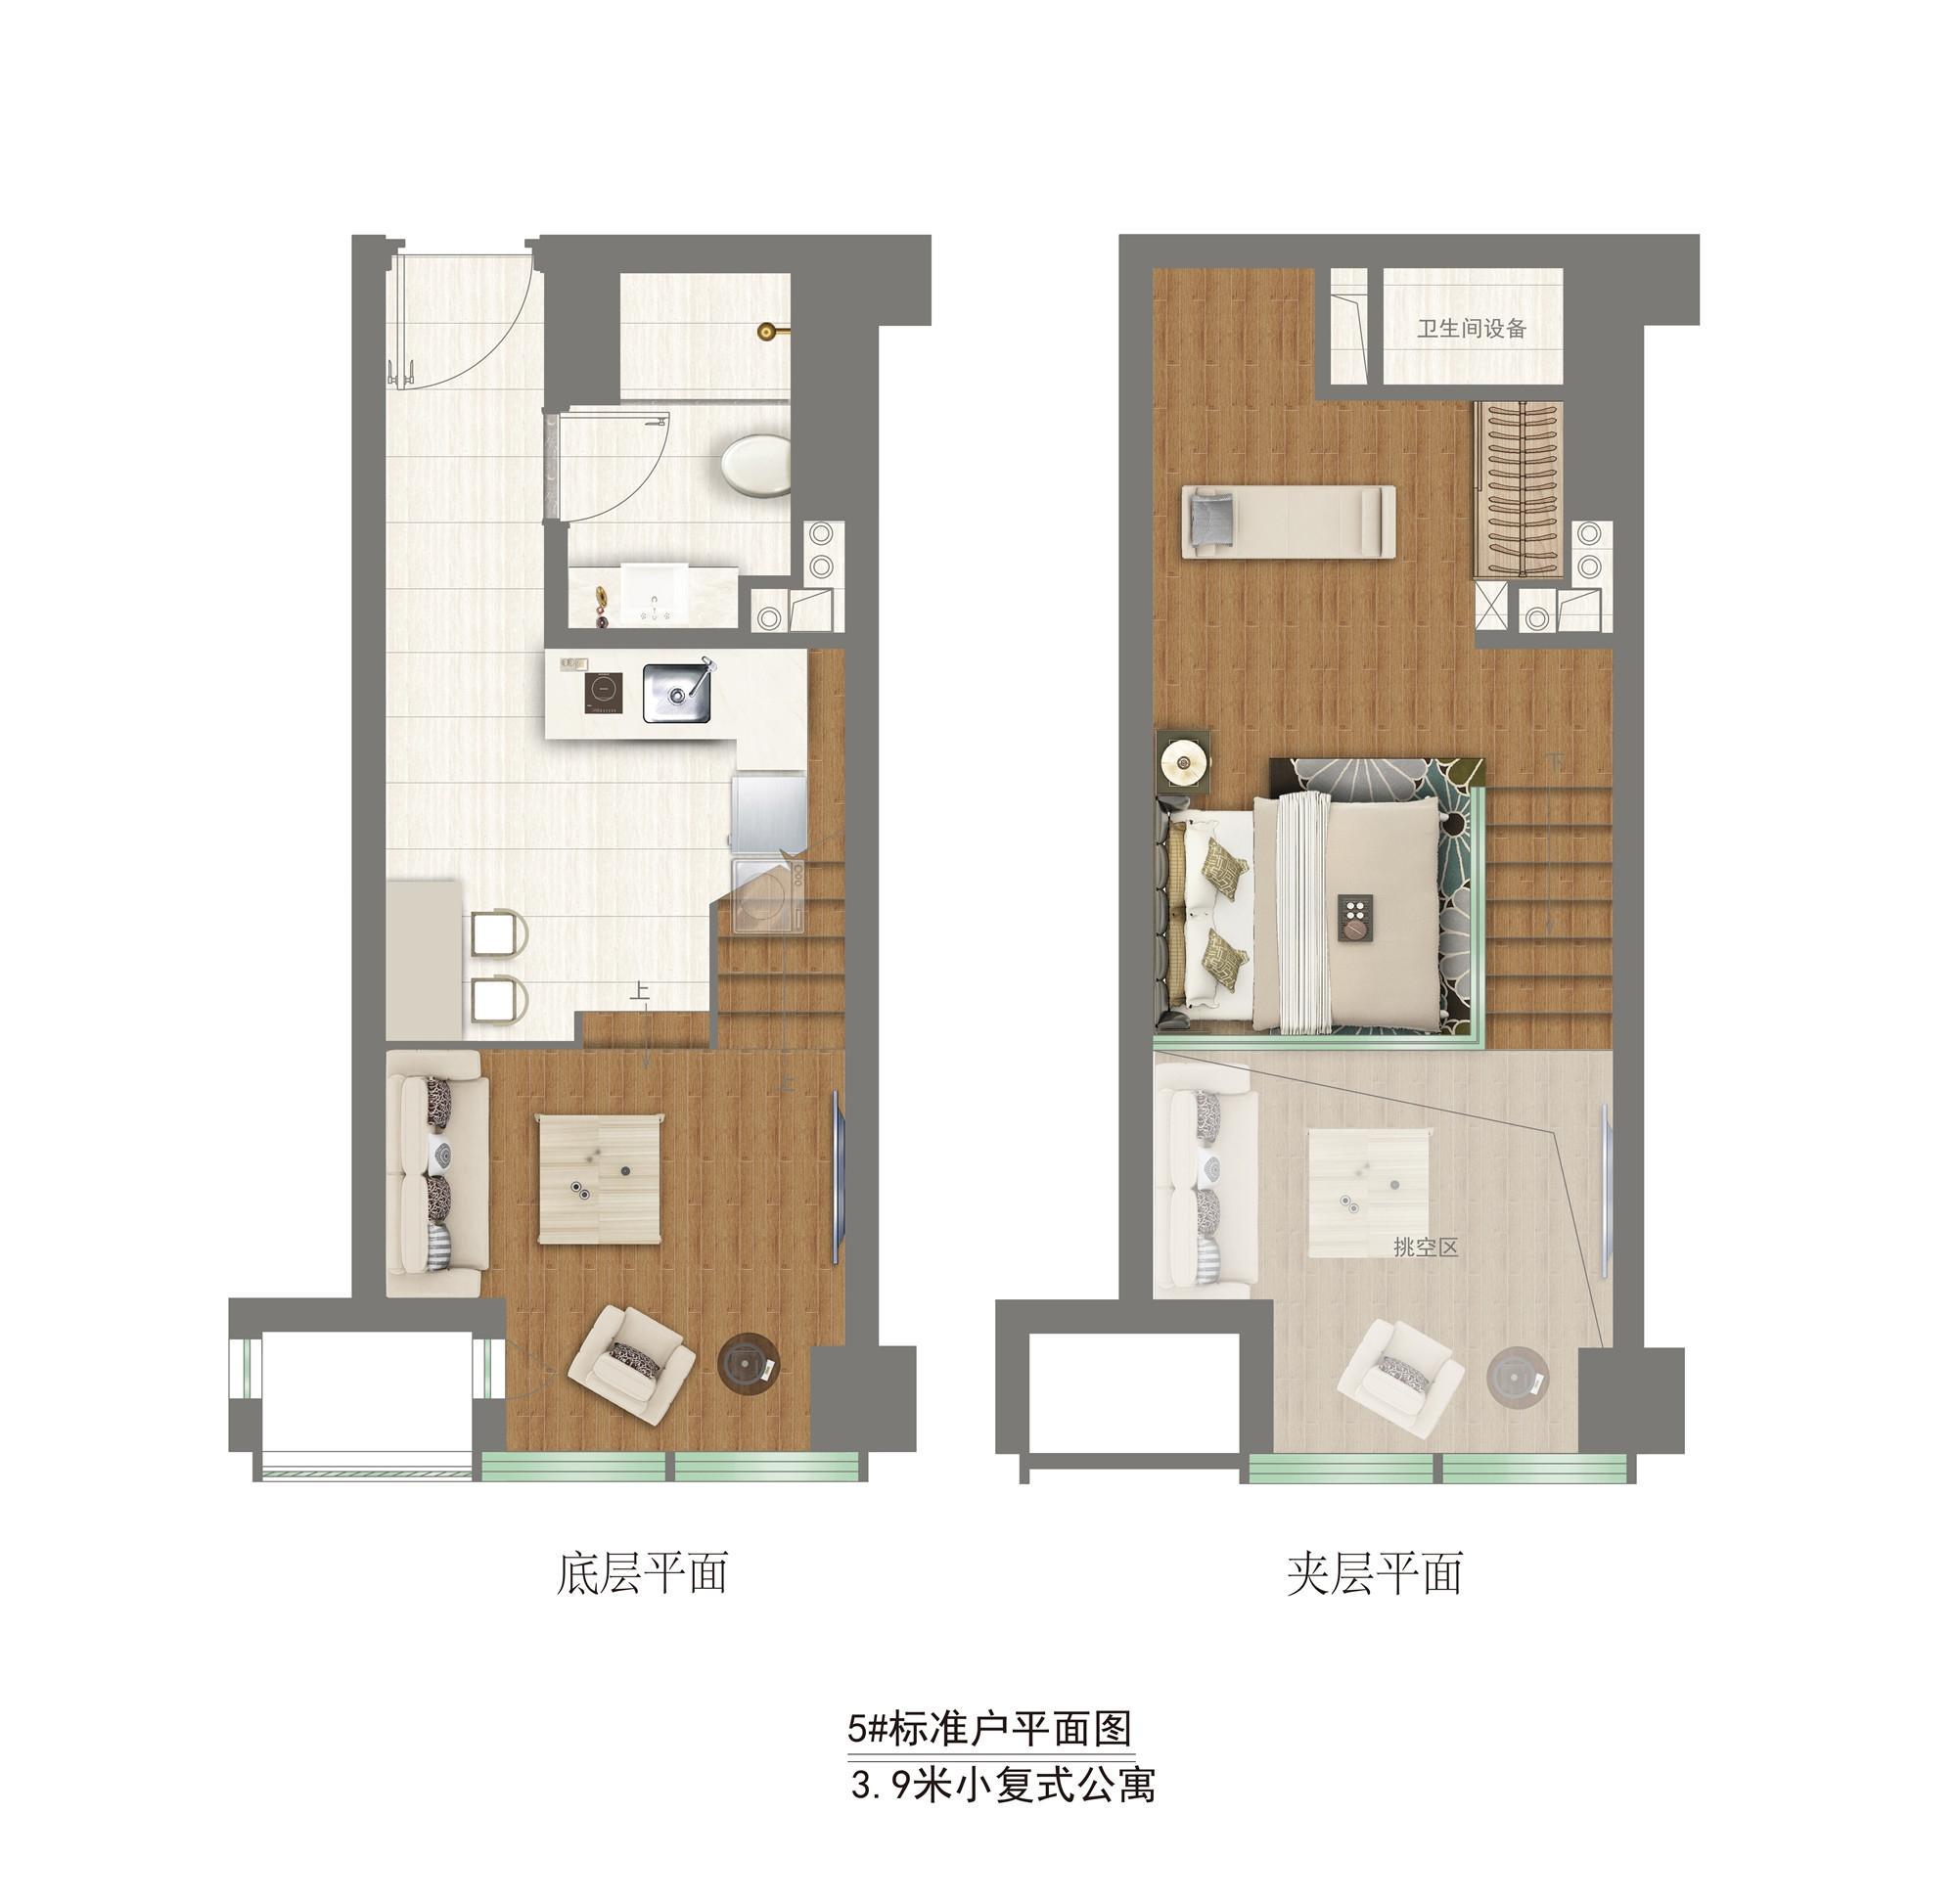 中粮悦天地3.9米小复式公寓